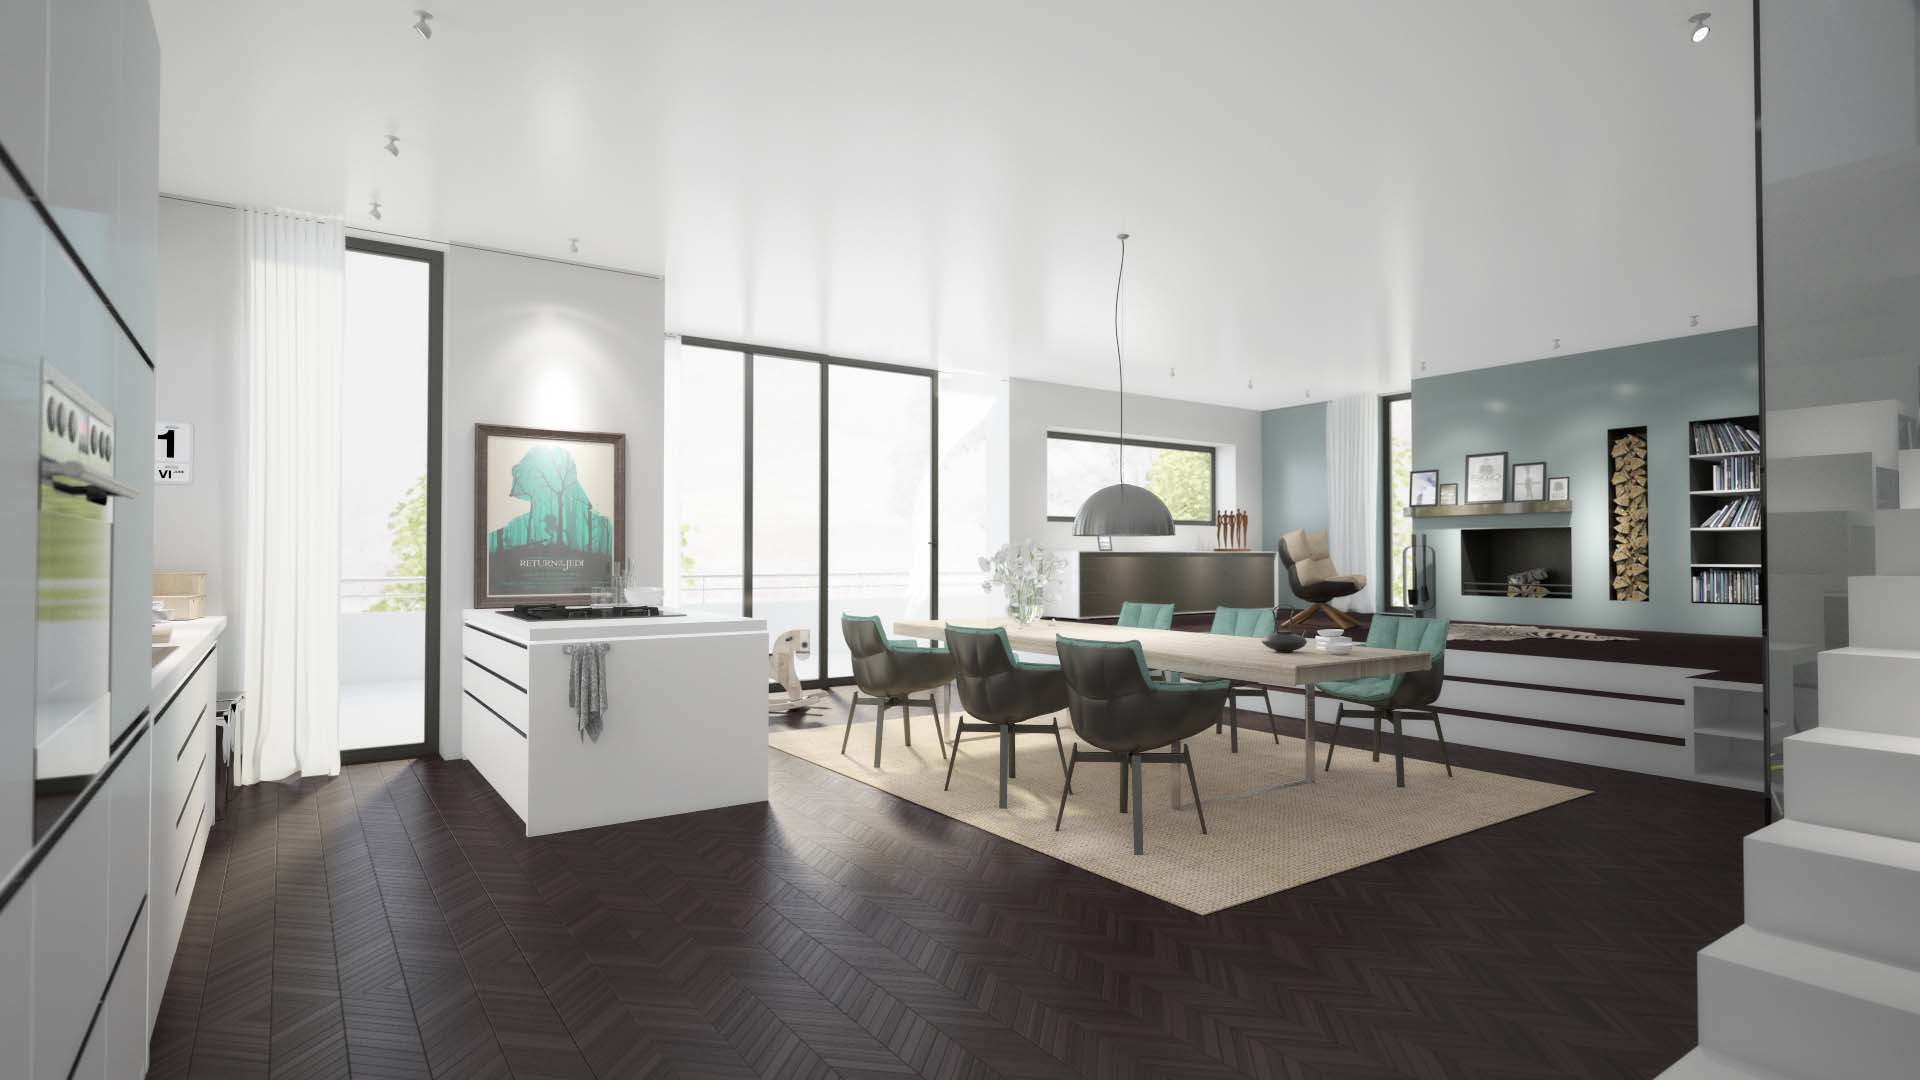 Flowgrafix werbeagentur for Wohnung interior